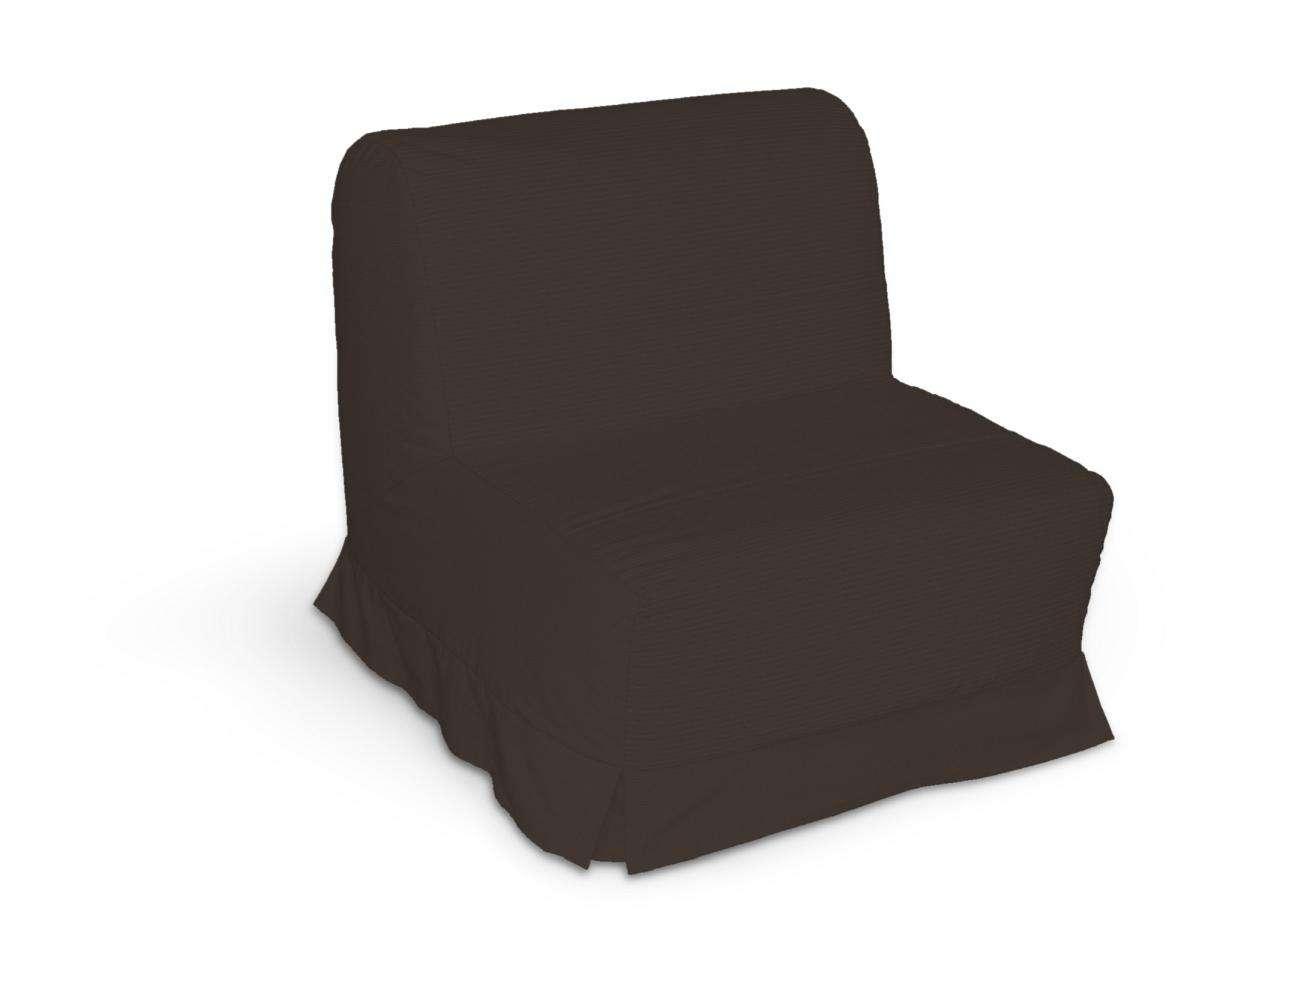 Pokrowiec na fotel Lycksele z kontrafałdami sofa Lycksele 1os. w kolekcji Cotton Panama, tkanina: 702-03